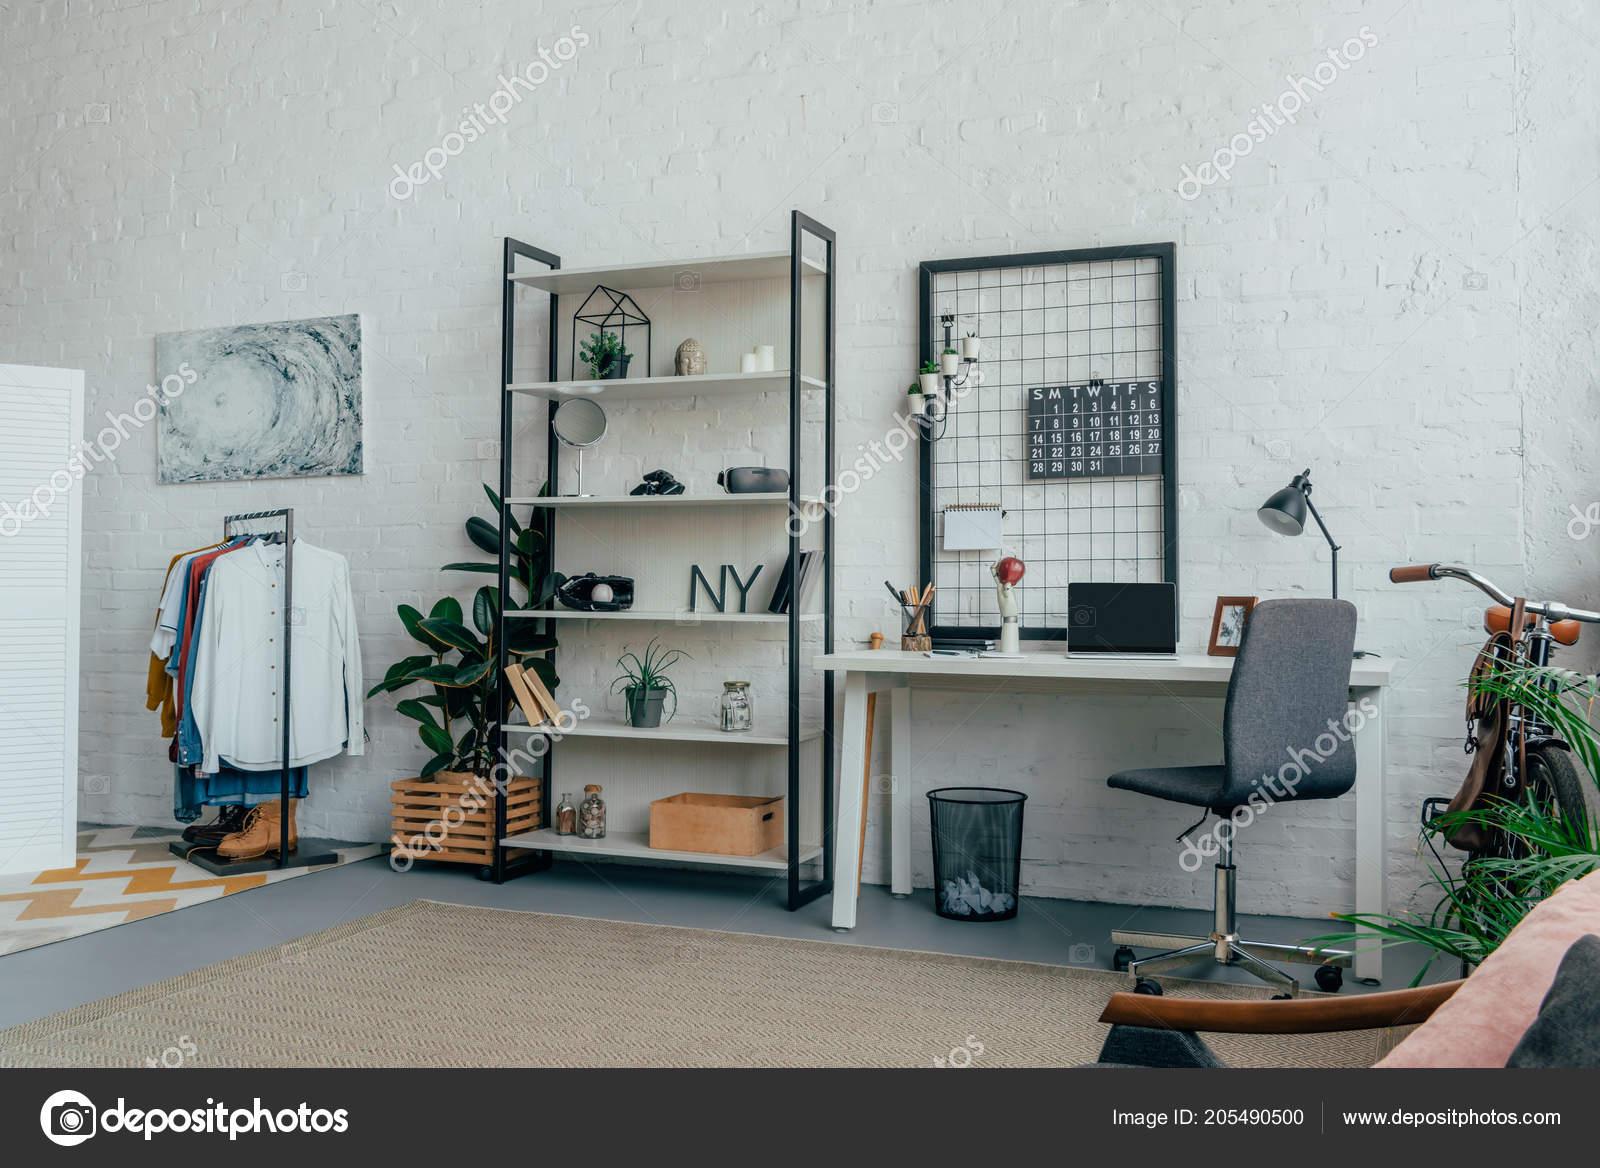 Interior Moderna Sala Estar Con Ropa Perchas Portátil Mesa — Fotos de Stock cee7e8d2e8cf